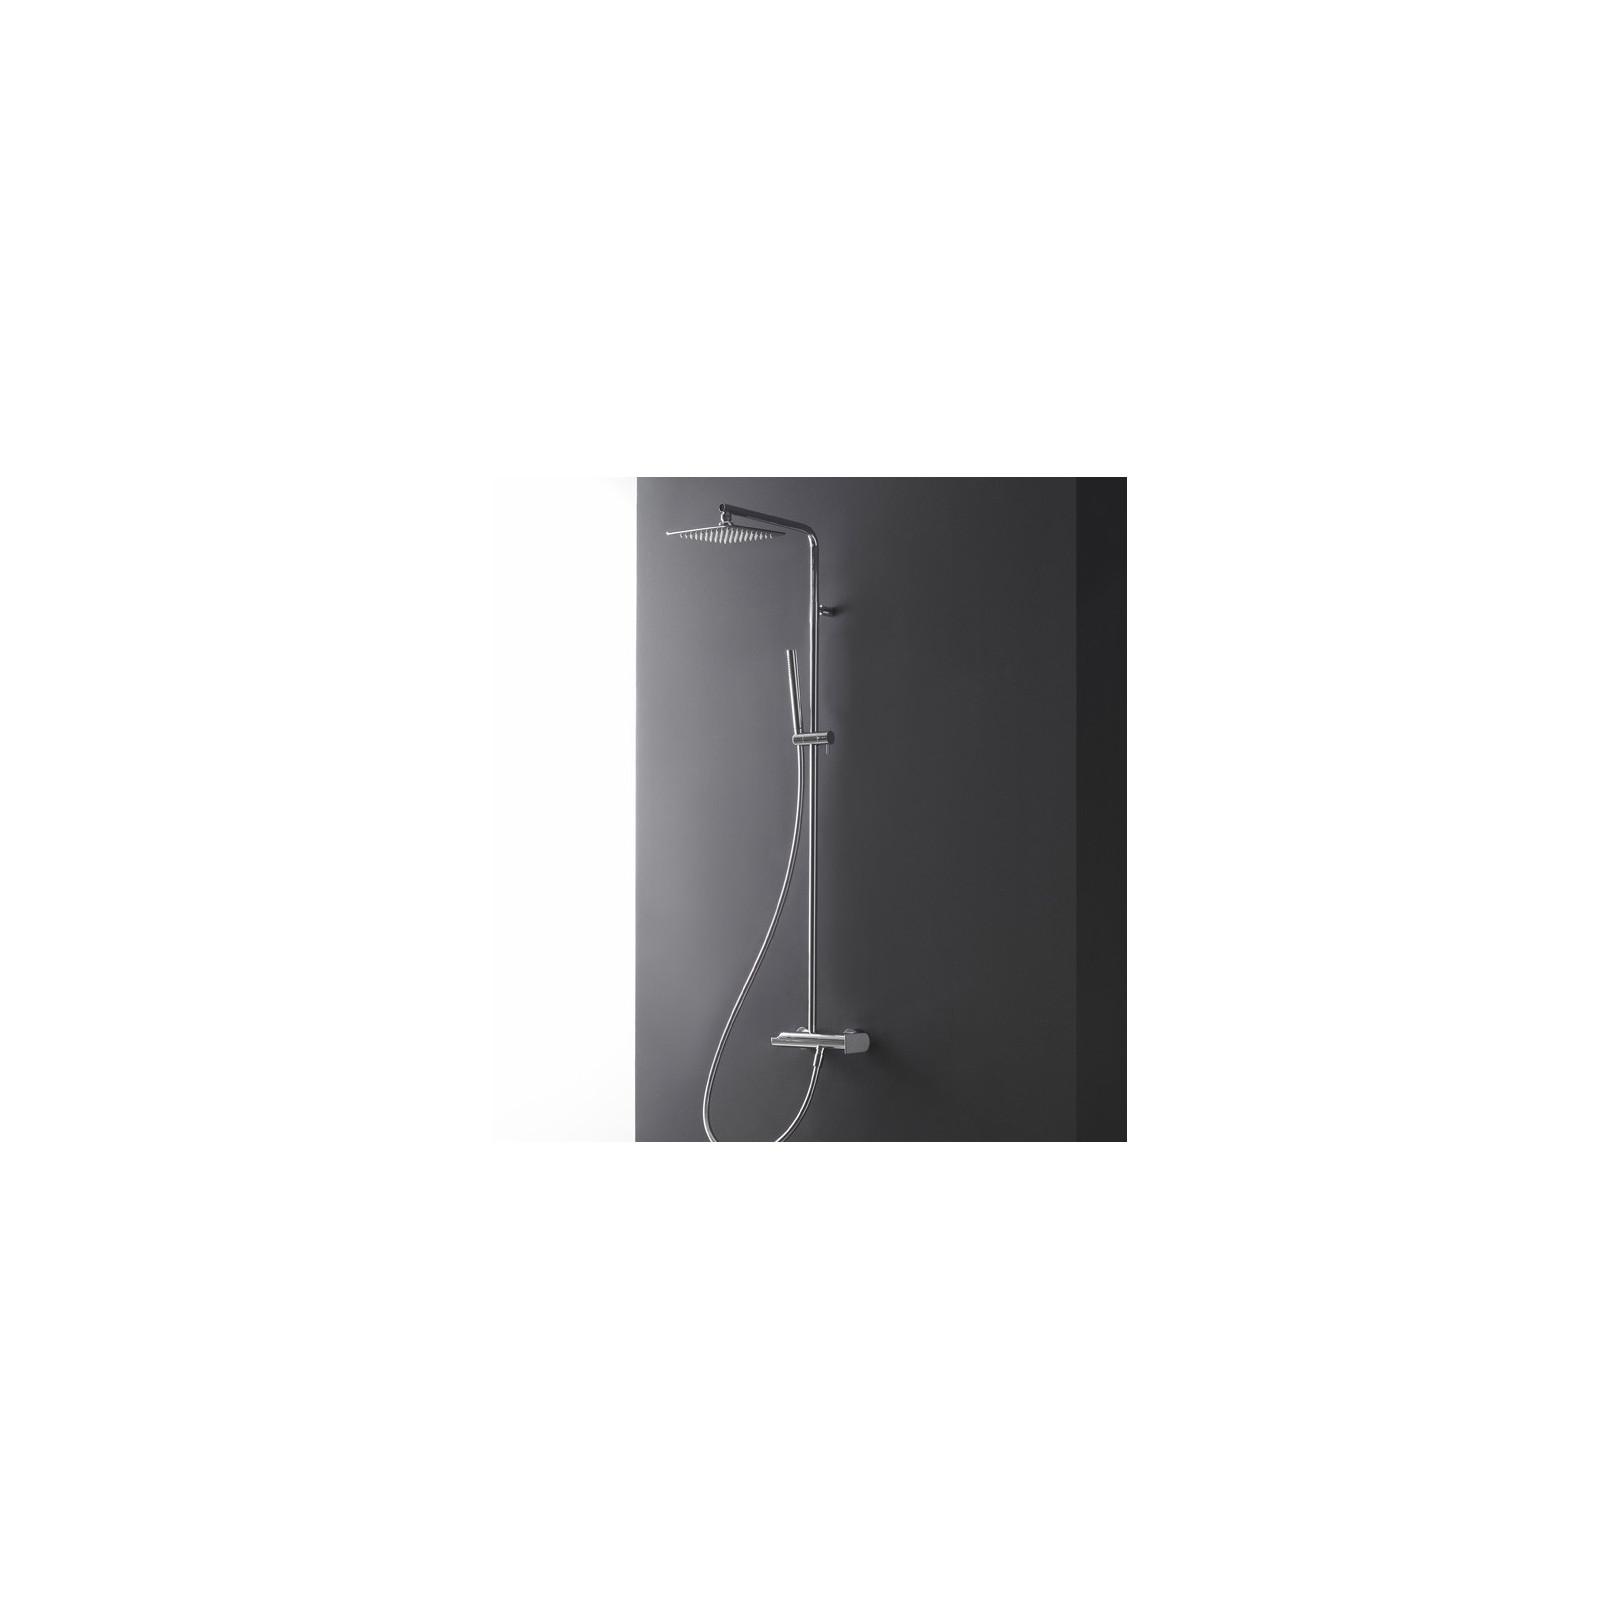 Colonne de douche externe Ran 2260 (mitigeur, inverseur, tête de douche 25x25cm et douchette)